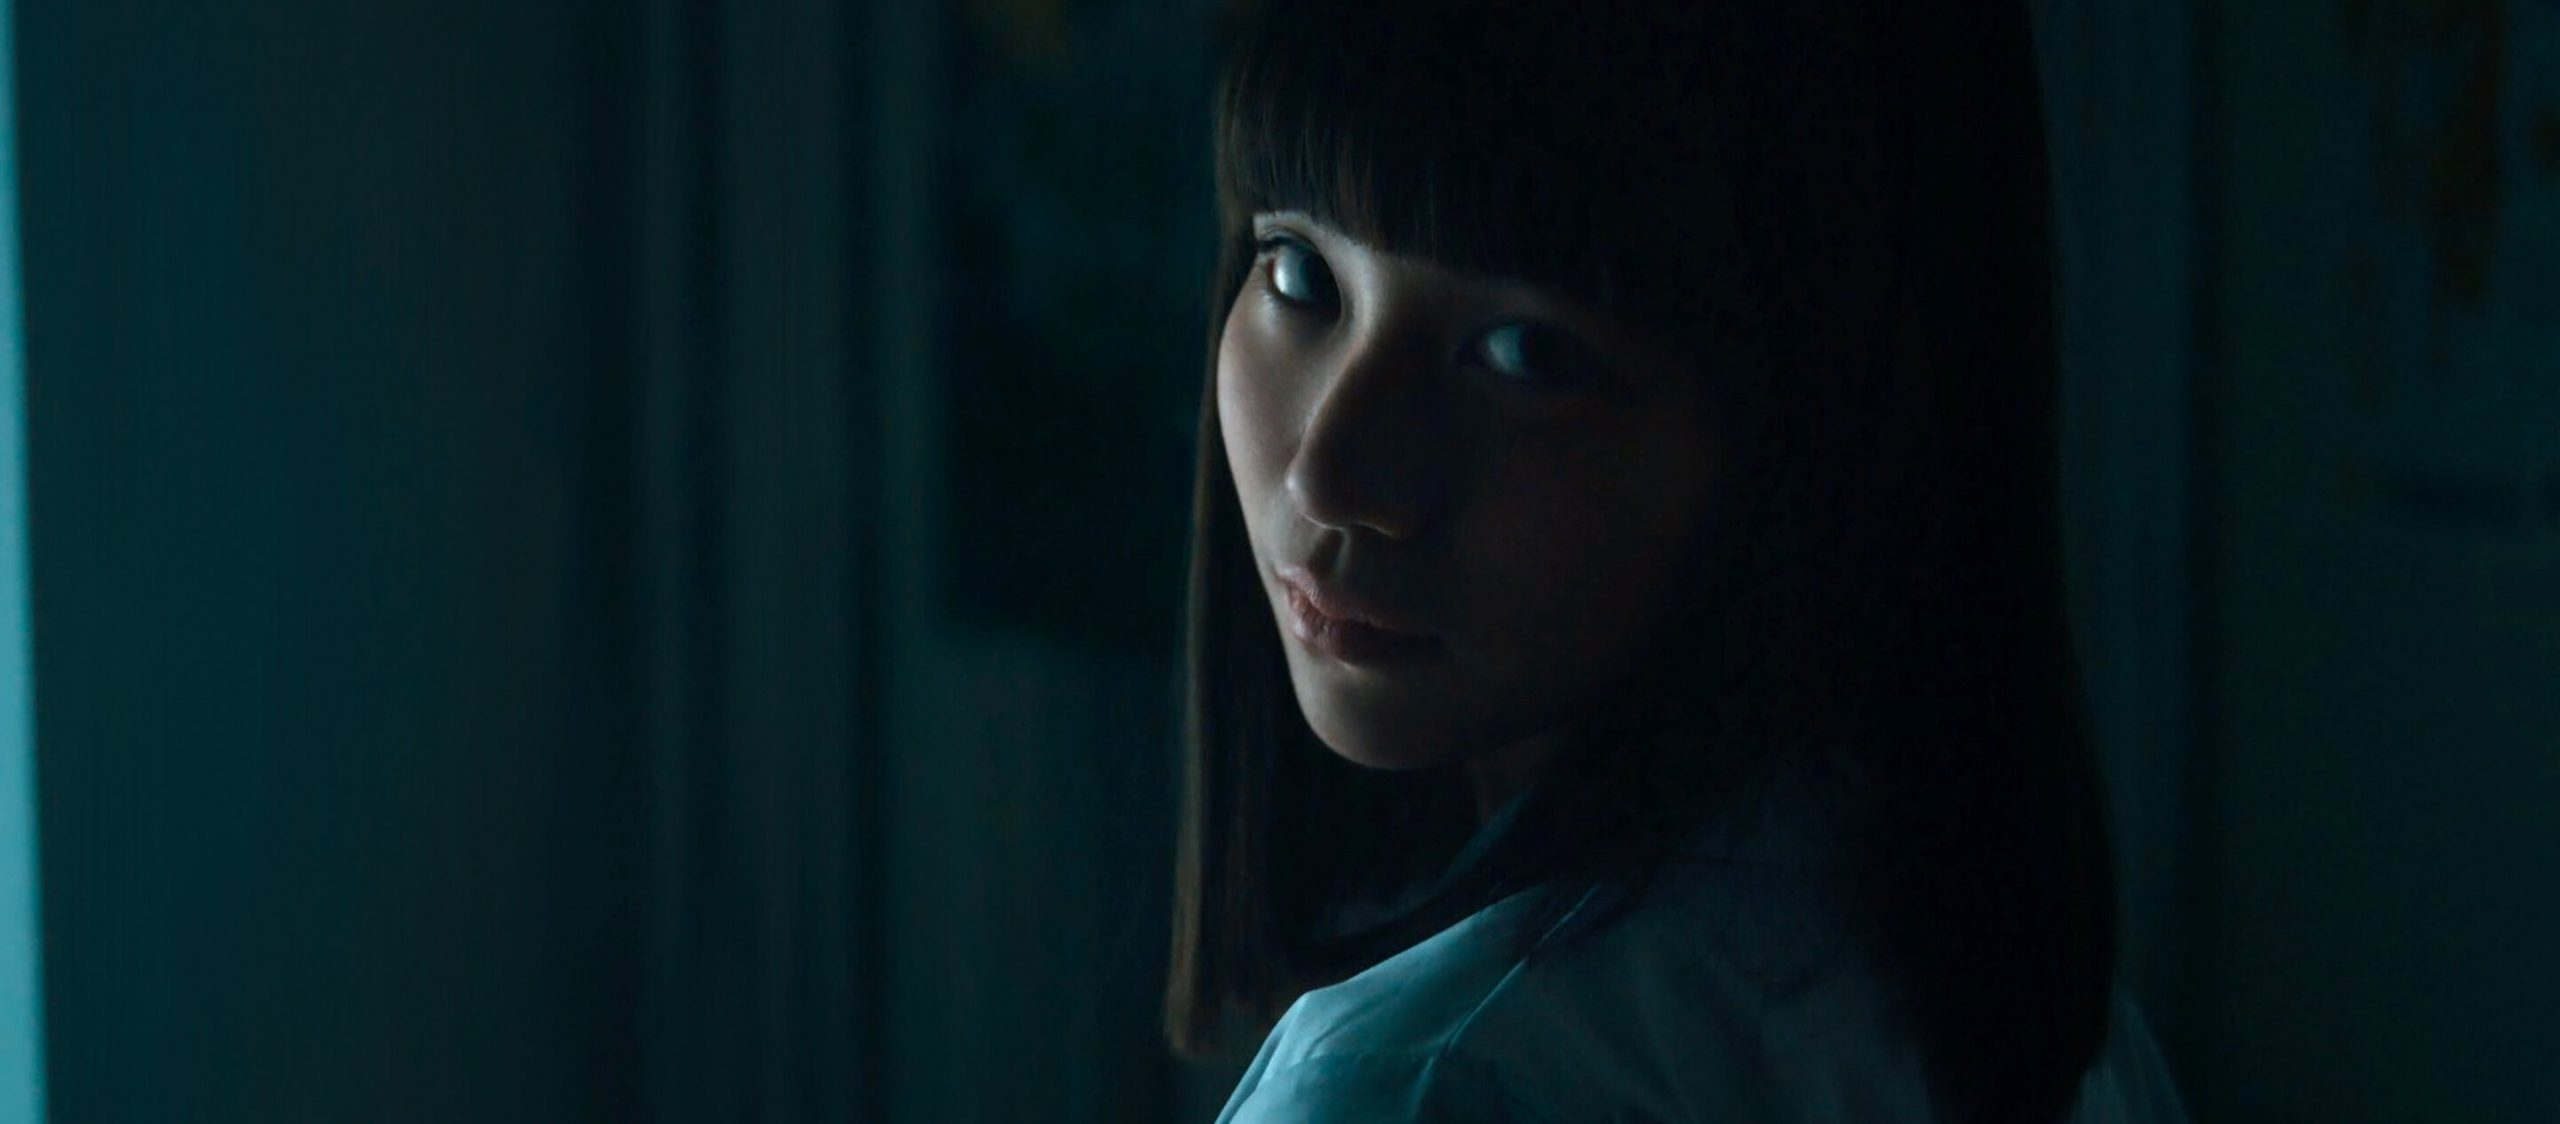 เด็กใหม่: ซีรีส์ผู้หญิงโลกไม่สวยจากข่าวเฮงซวยในโลกจริง